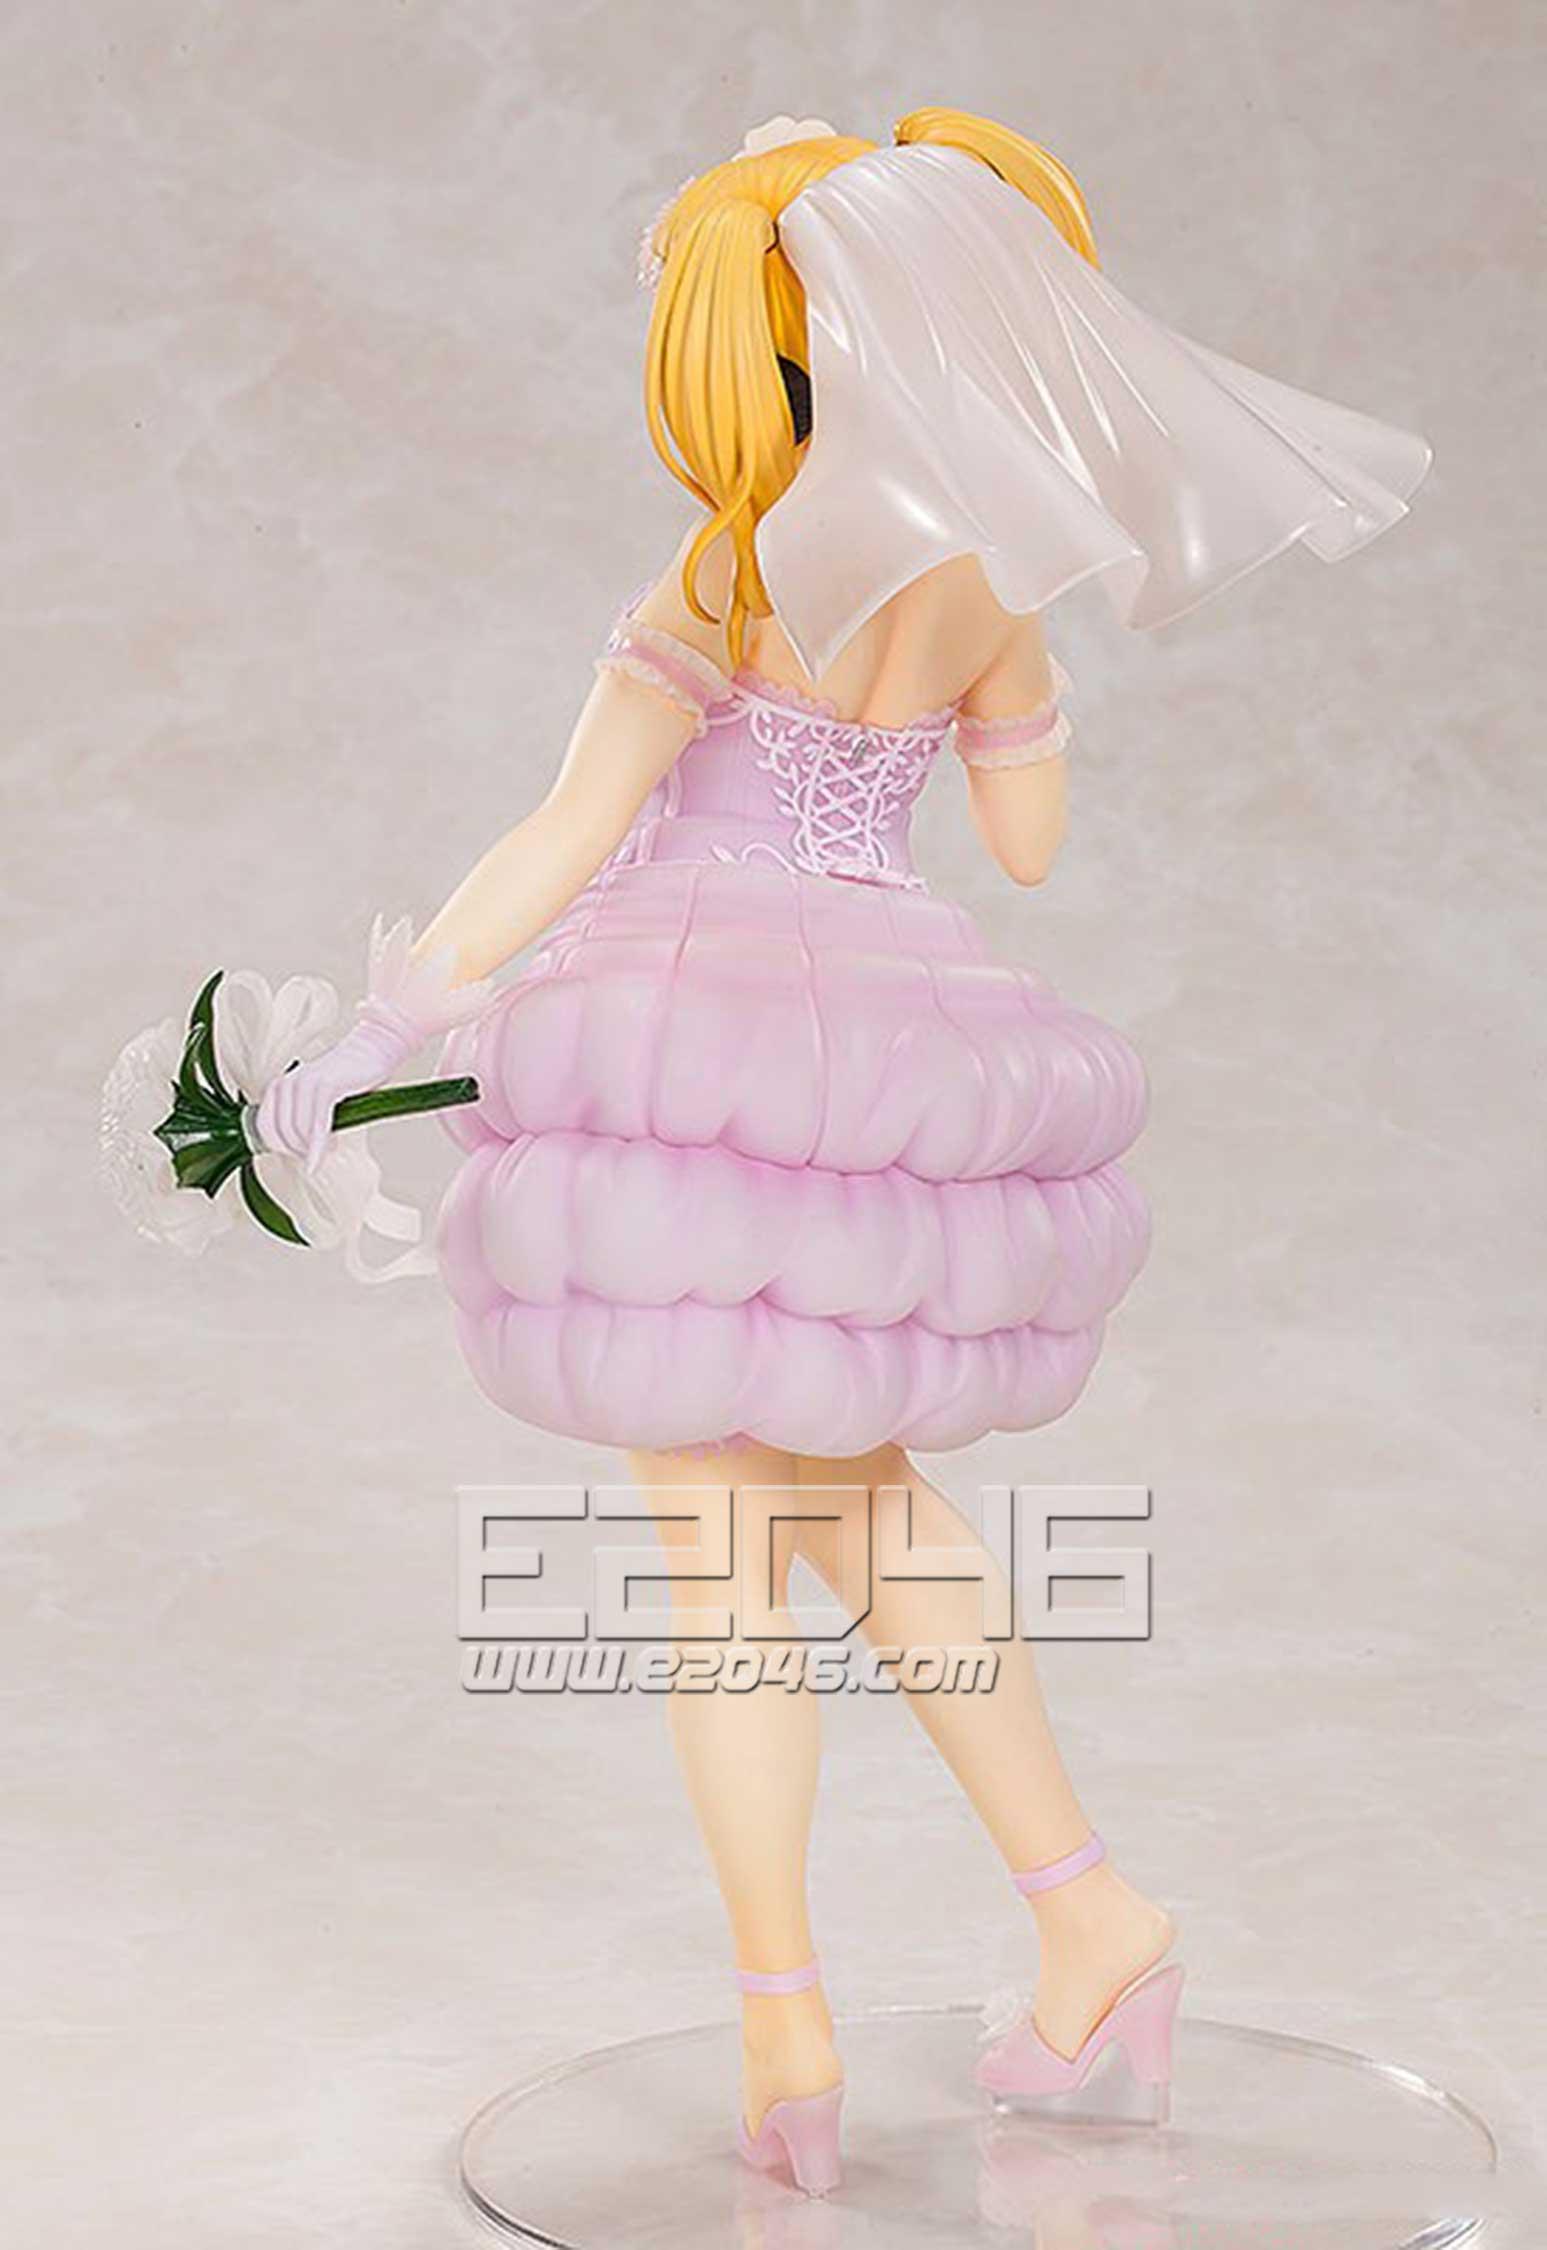 超帕恰子婚紗版 (PVC)